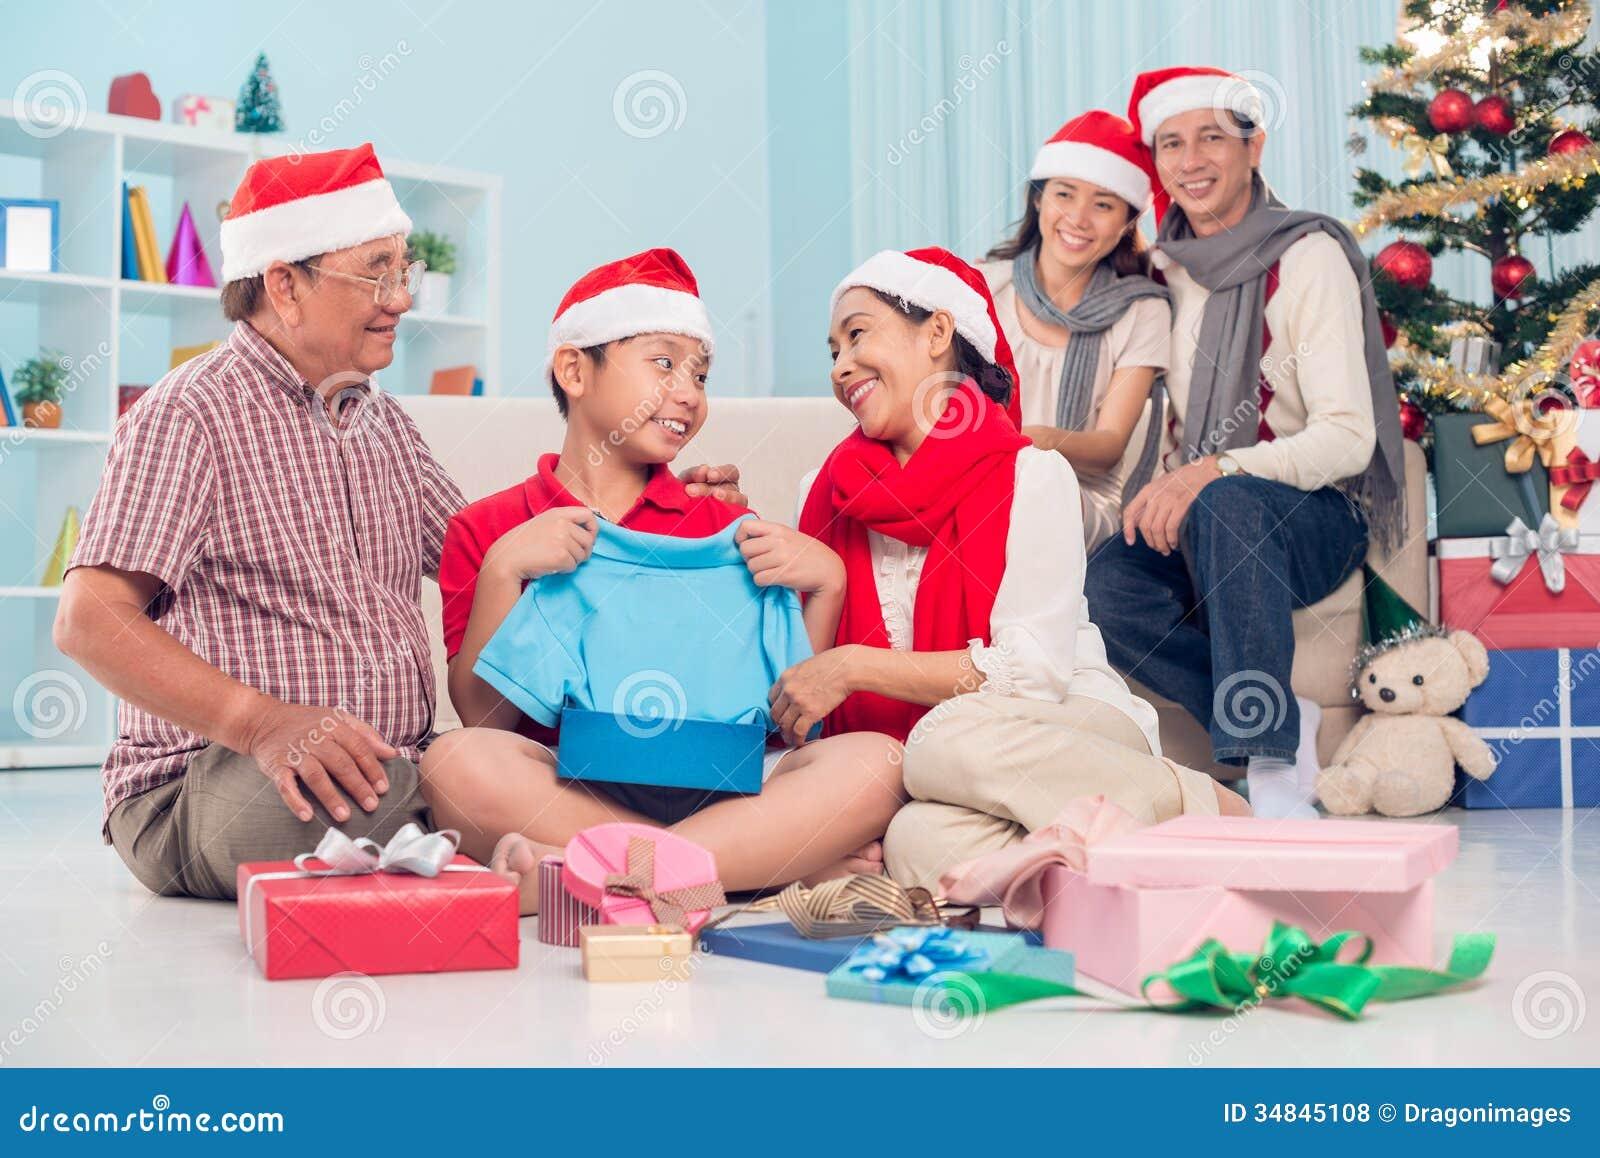 Έκπληξη Χριστουγέννων